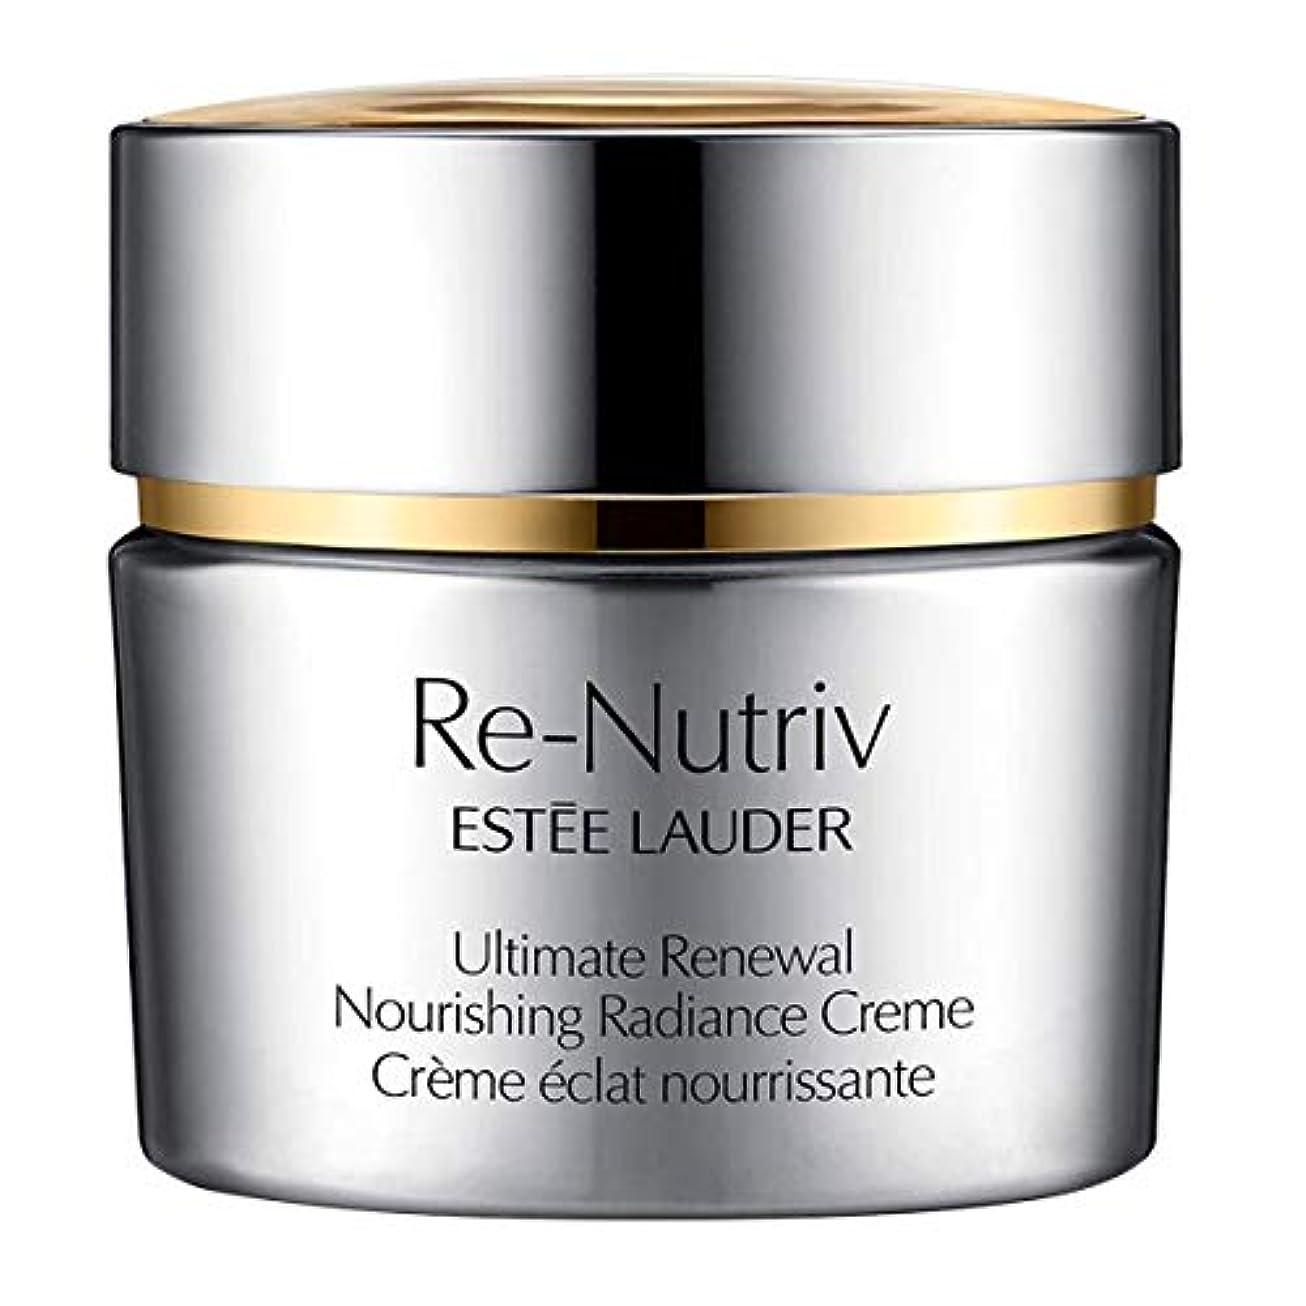 適応組立割り当てエスティローダー Re-Nutriv Ultimate Renewal Nourishing Radiance Creme 50ml/1.7oz並行輸入品